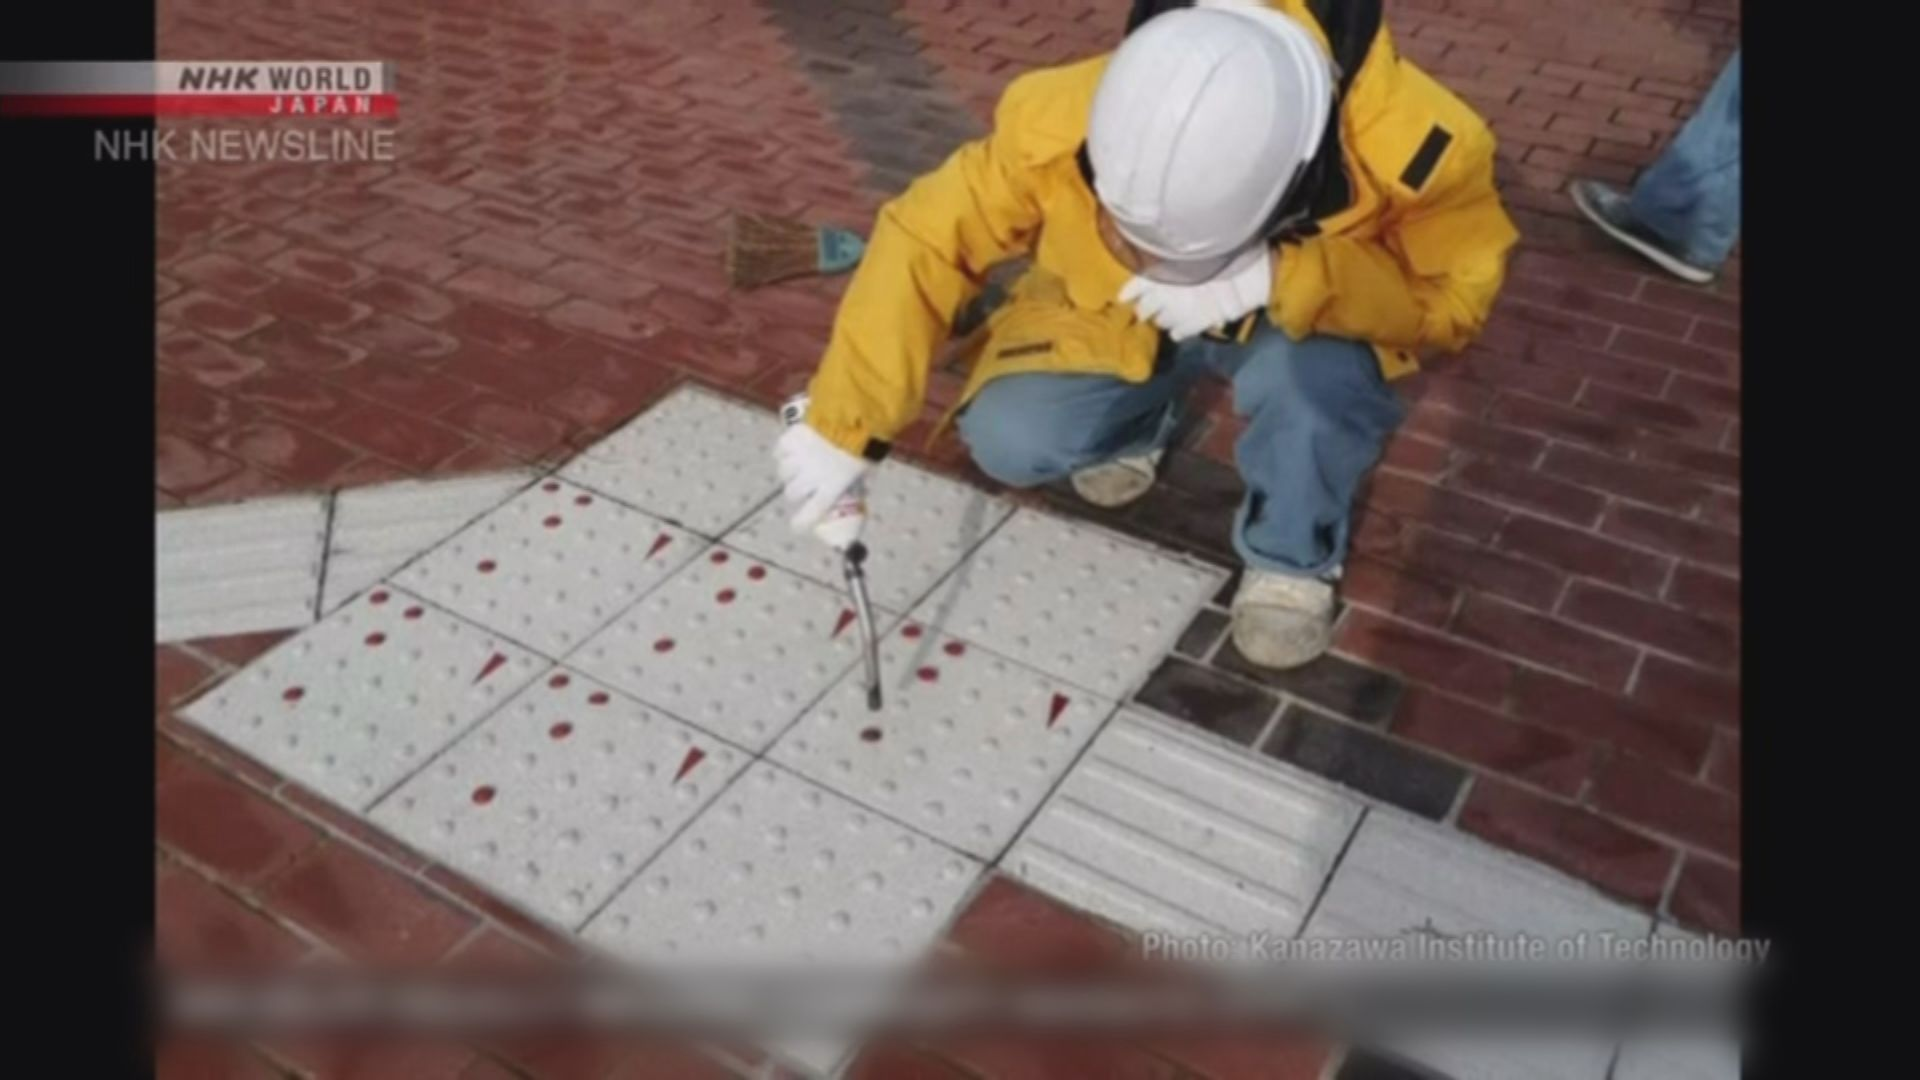 日本研究團隊開發導盲磚程式 方便視障人士規劃路線